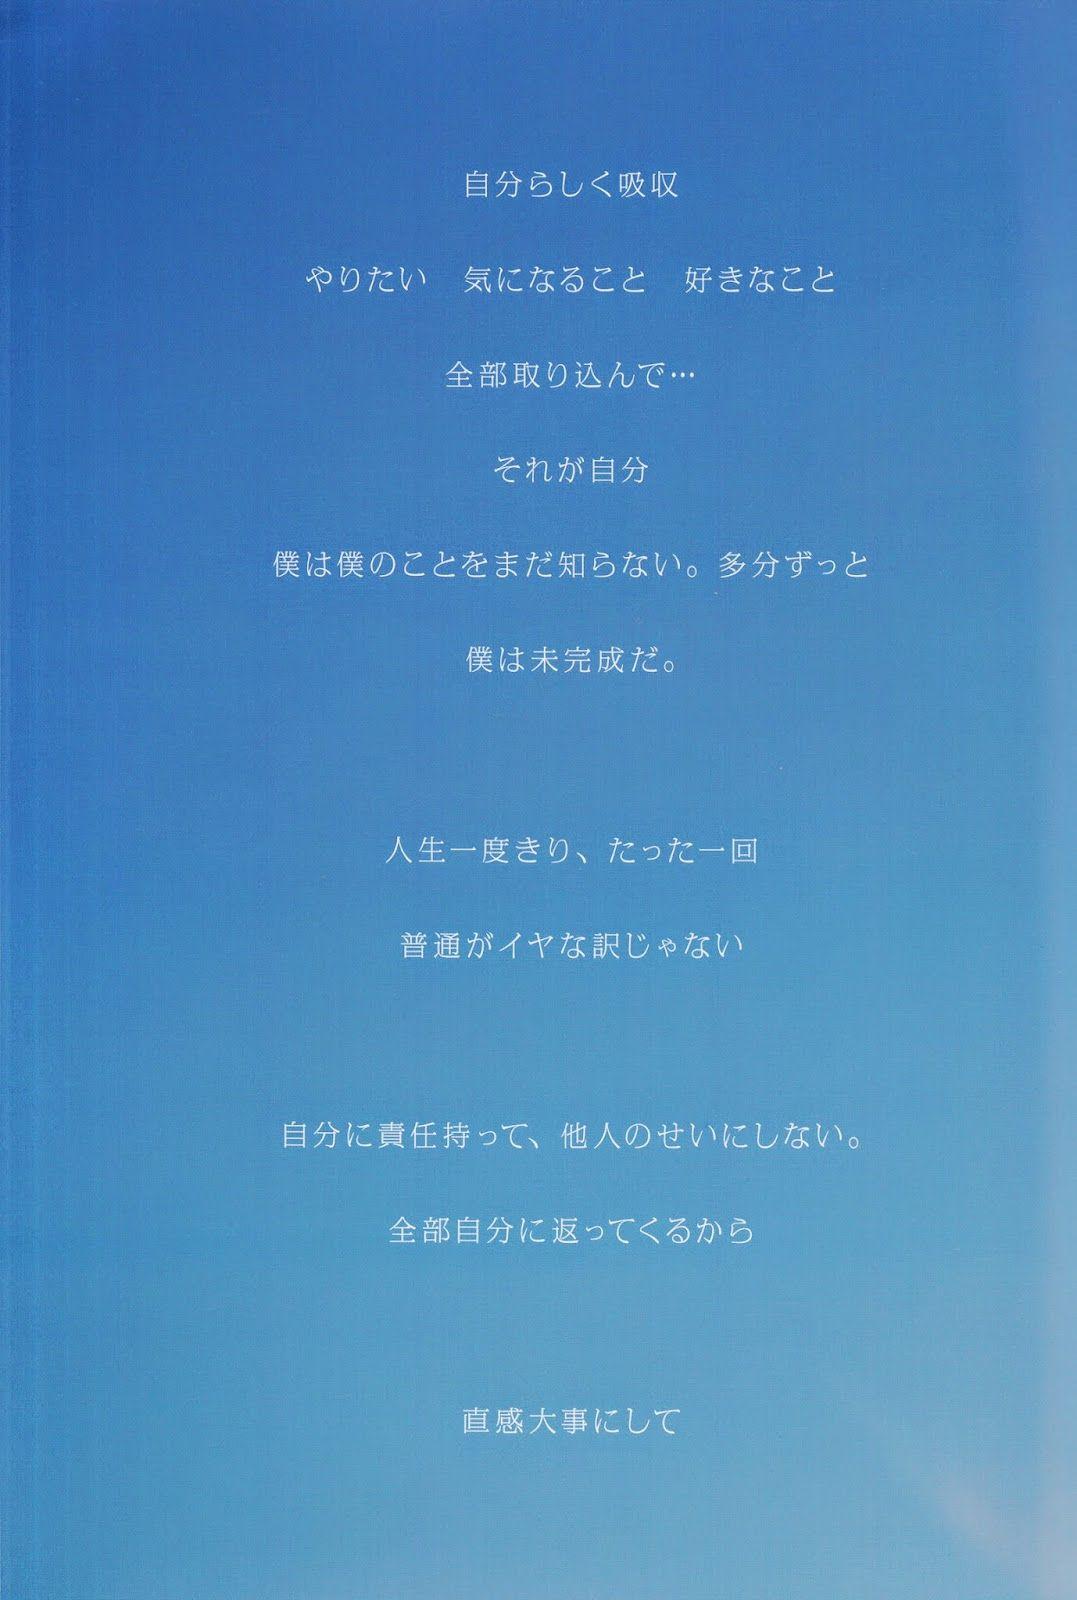 365日恋愛中 山崎賢人ファースト写真集現在地 japanese boyfriend blog posts blog